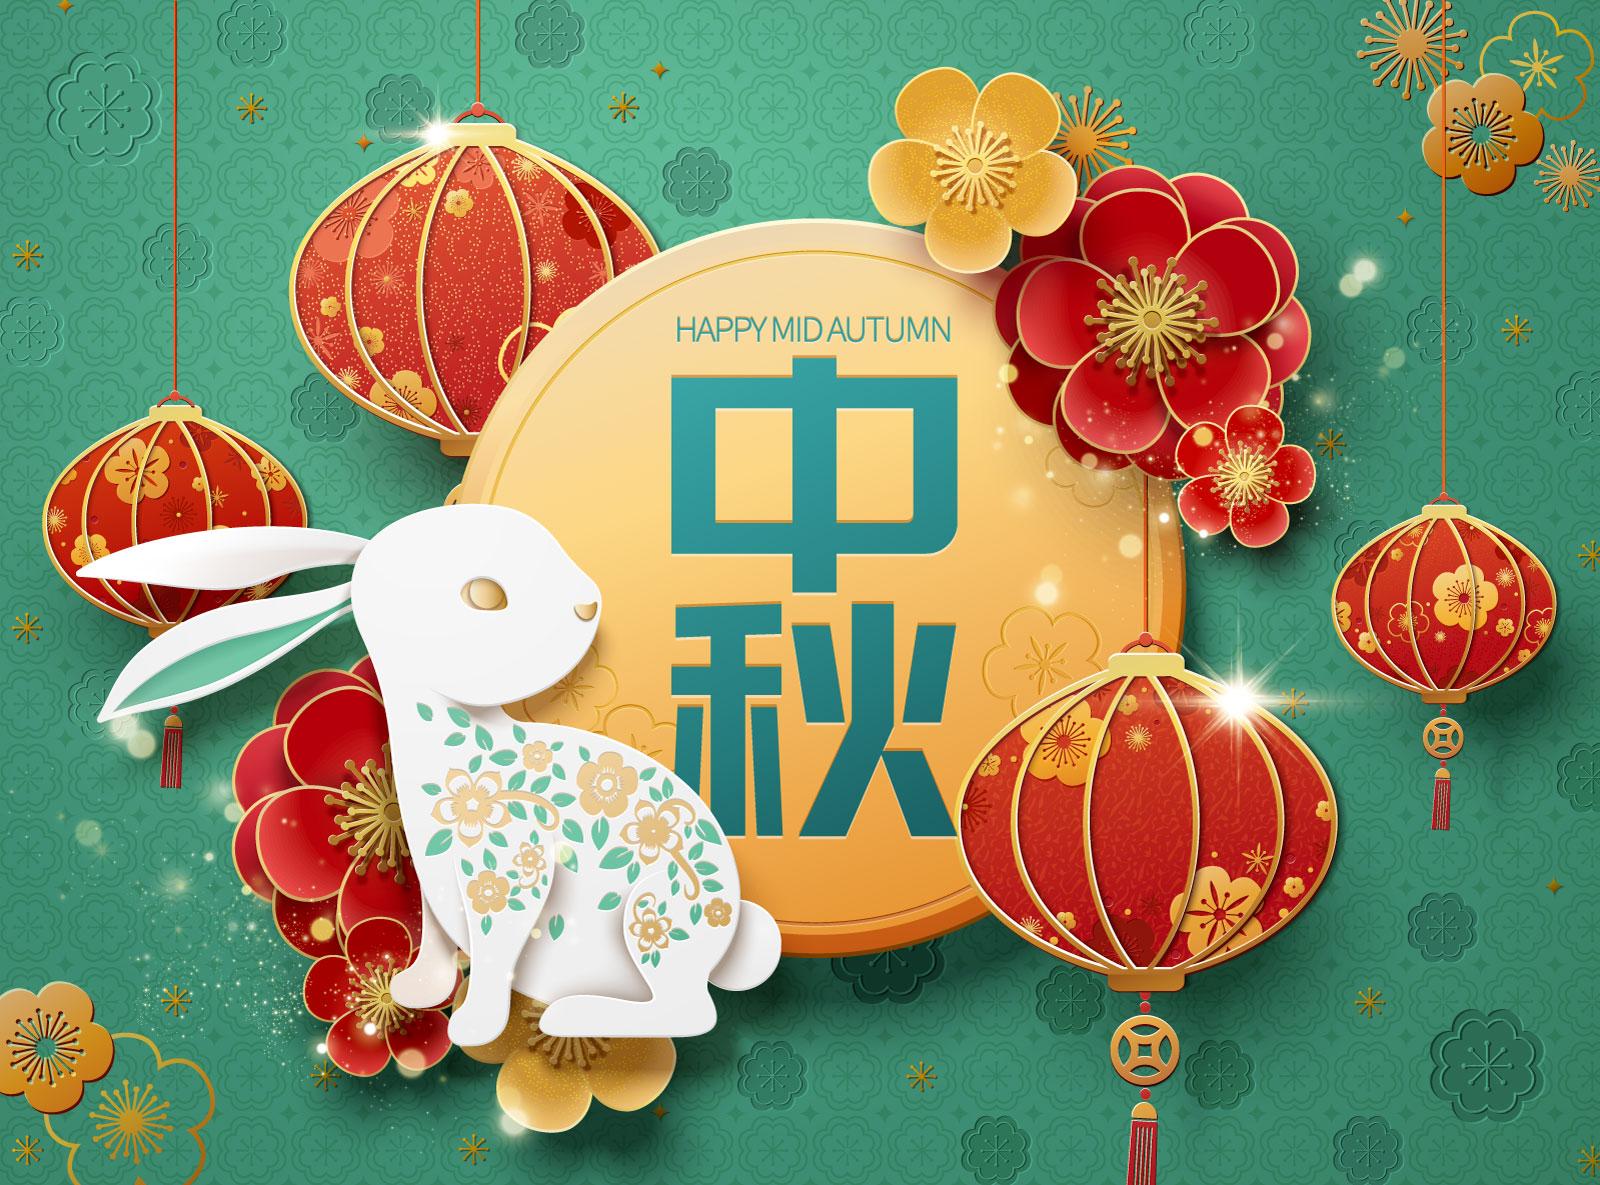 38款中国风中秋节主视觉海报插画AI广告设计素材源文件 Mid Autumn Festival Vector Pattern插图(13)